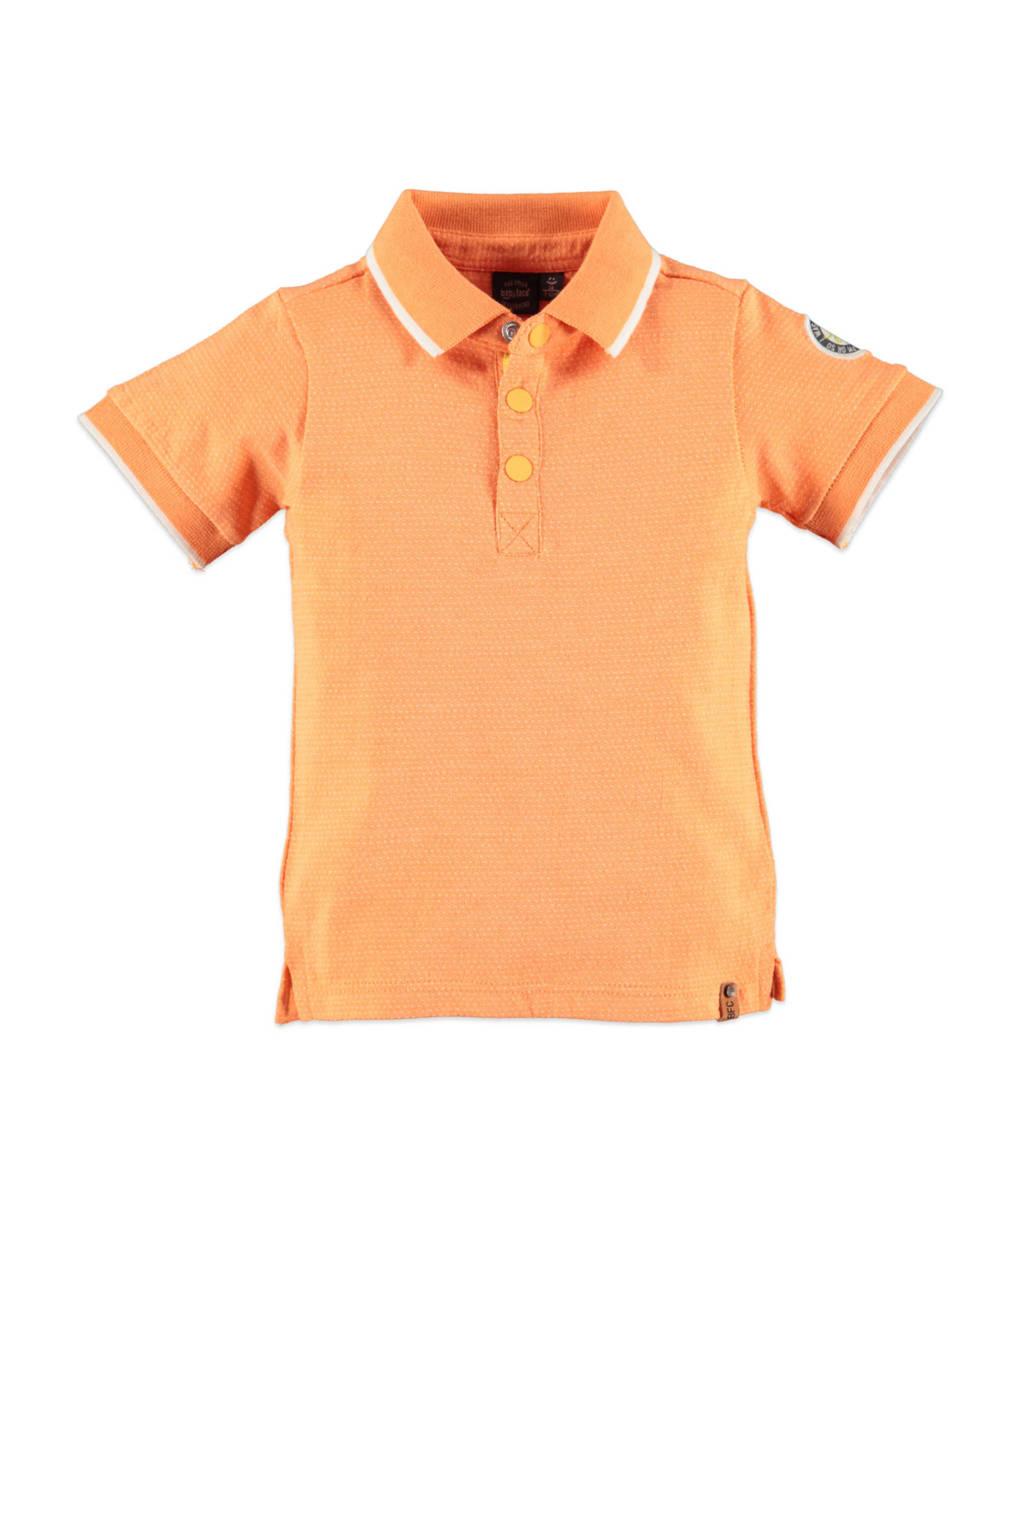 Babyface polo oranje/wit, Oranje/wit